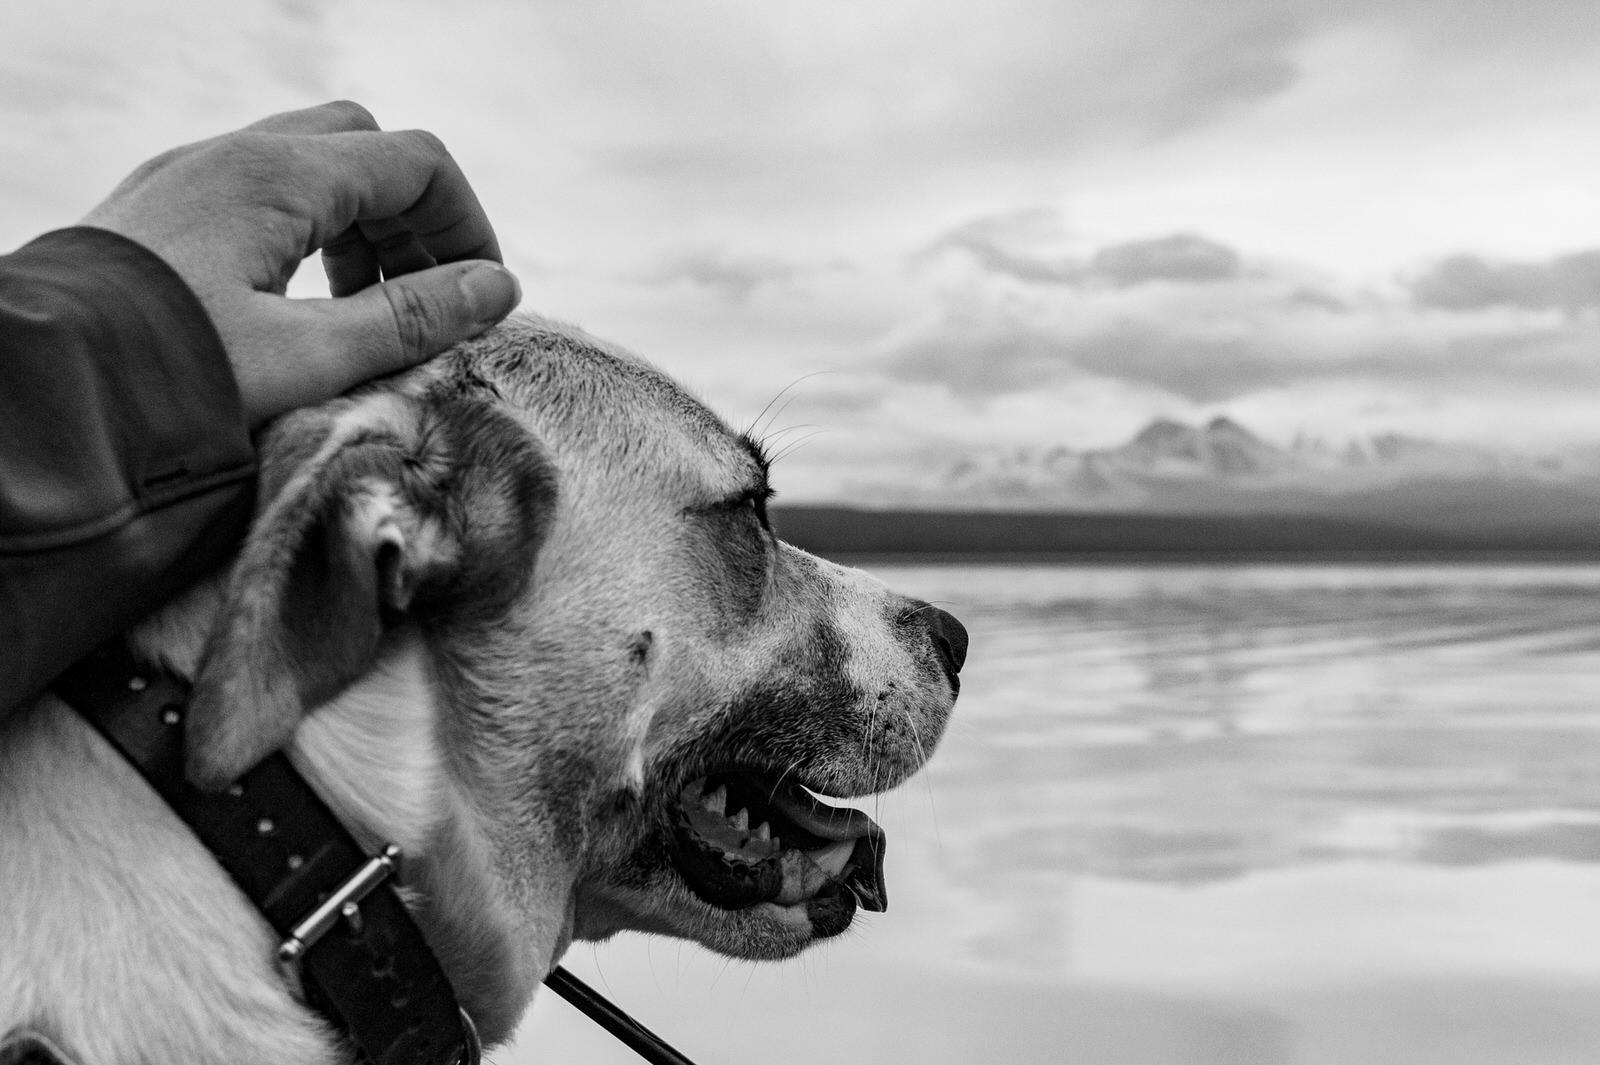 Beluga_lake_alaska_fly_out_fishing_trip (22).jpg